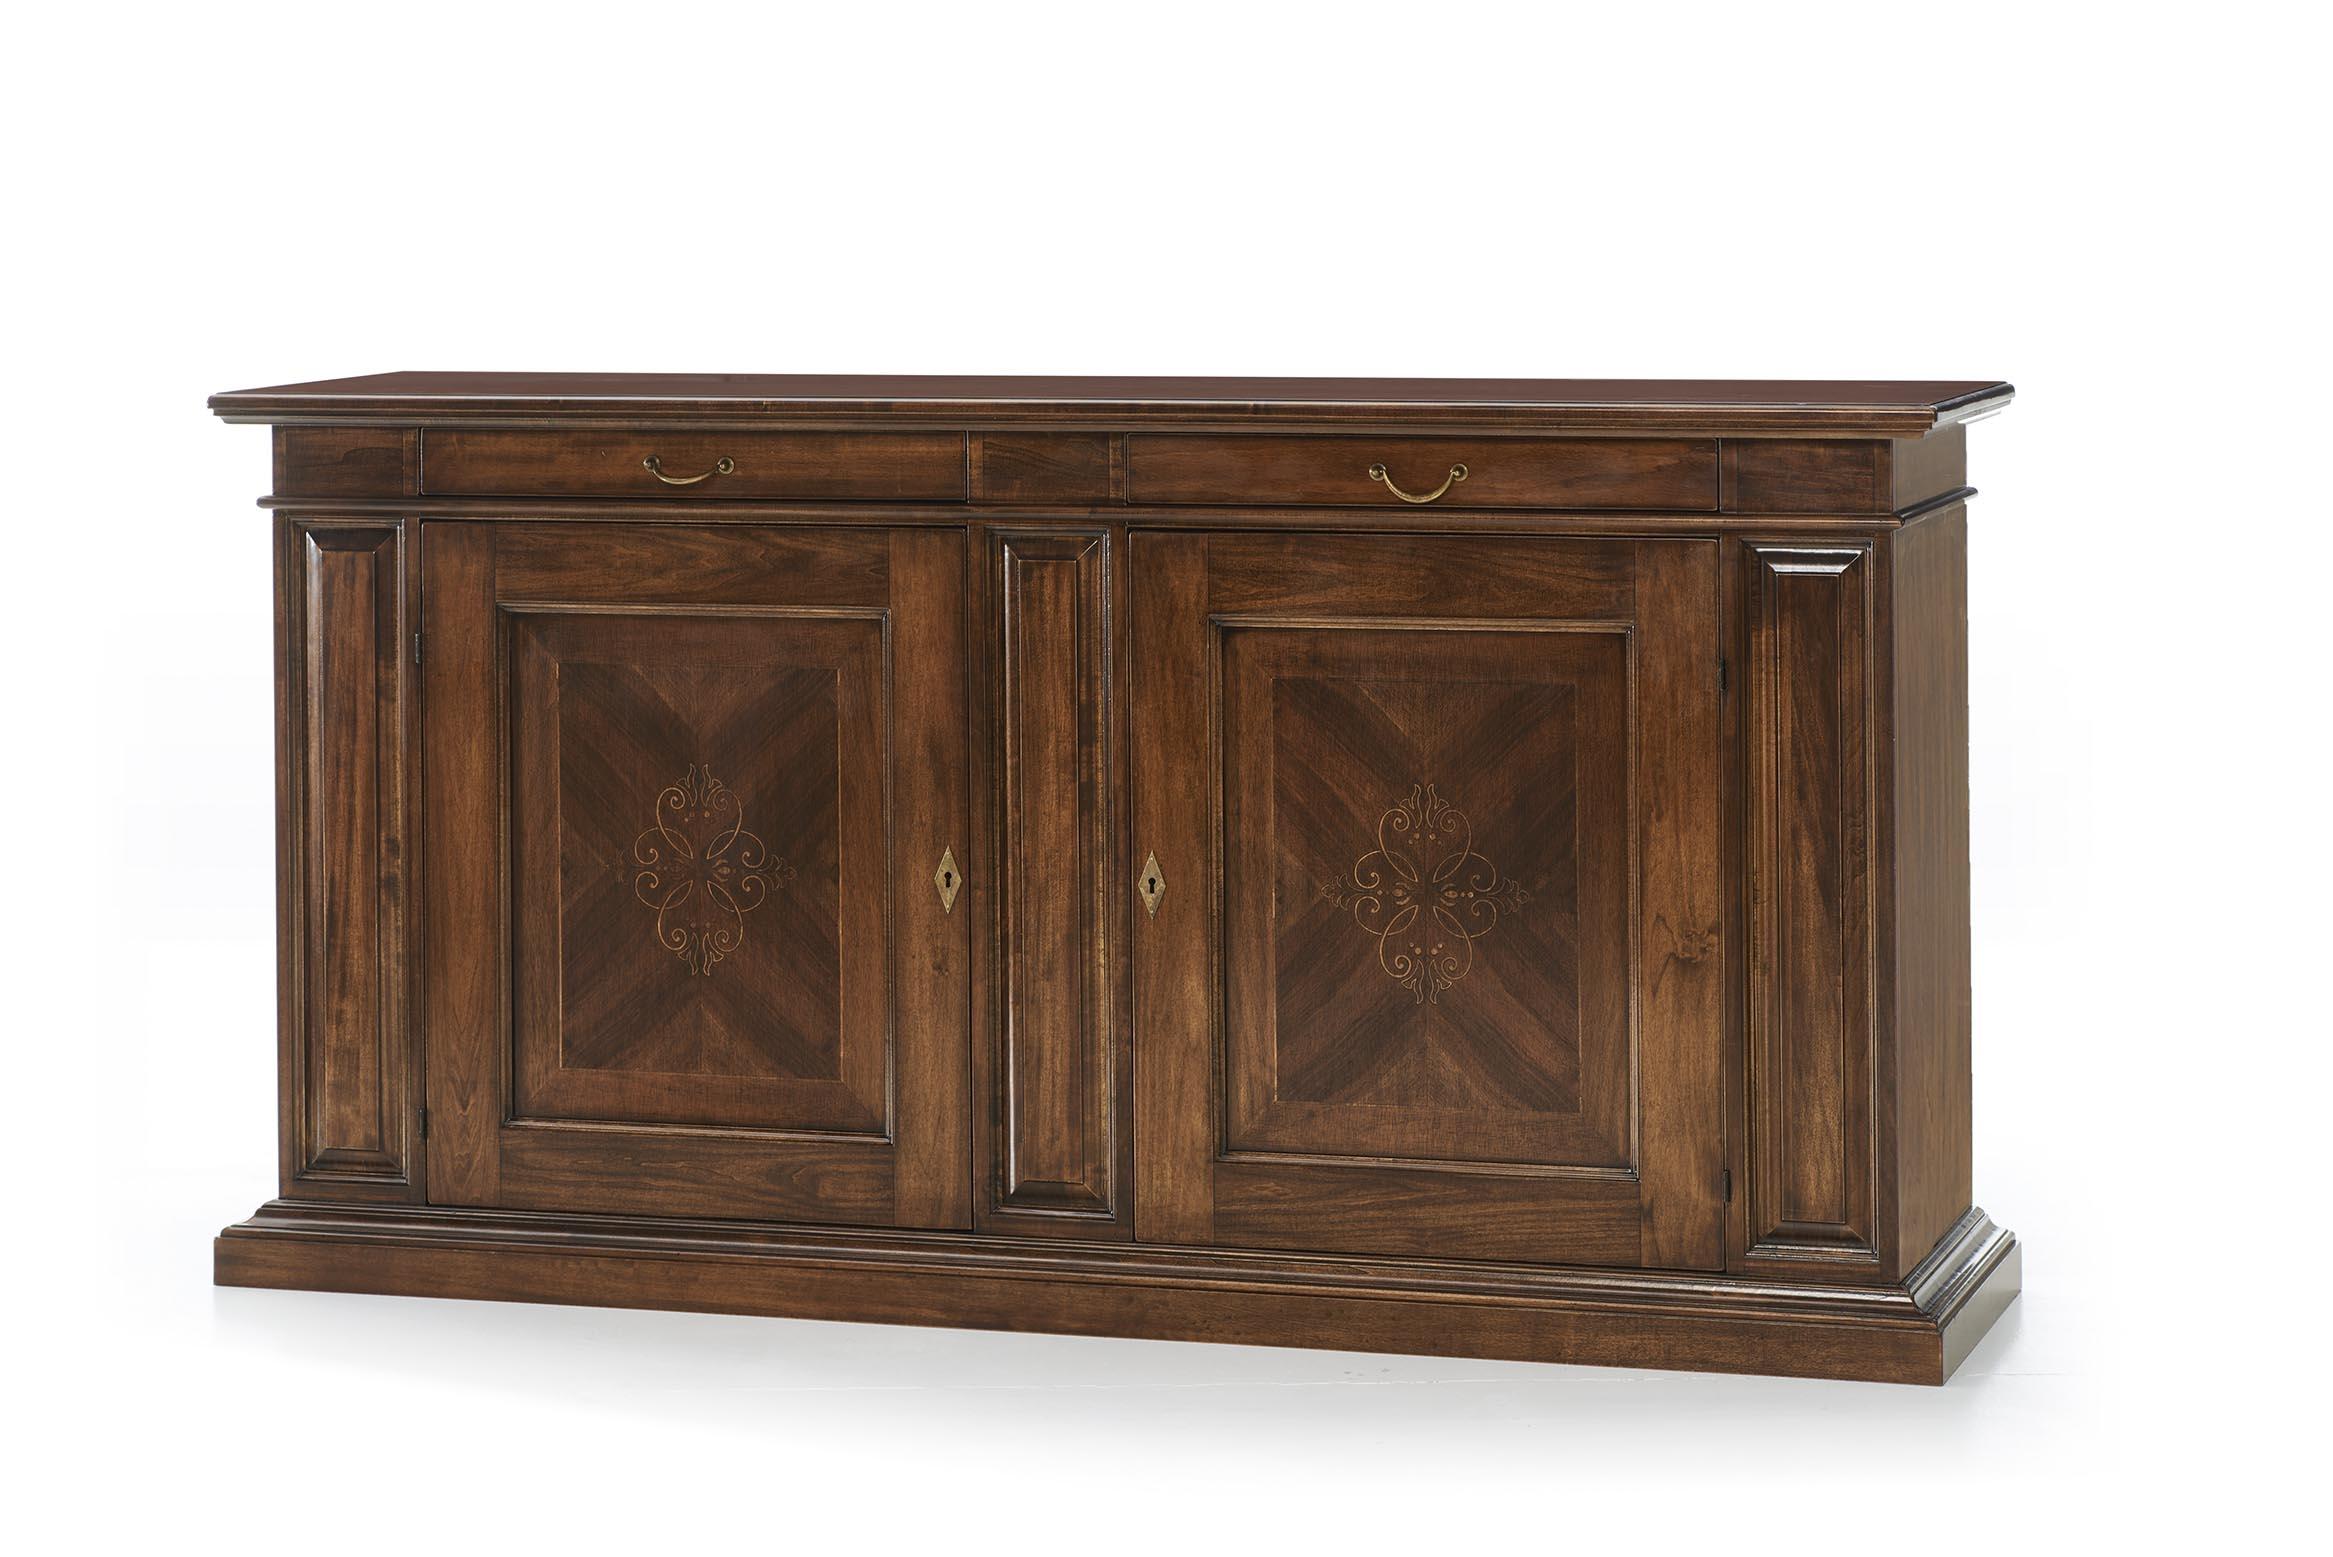 Sala da pranzo con mobili intarsiati in noce con tavolo - Credenza sala da pranzo ...